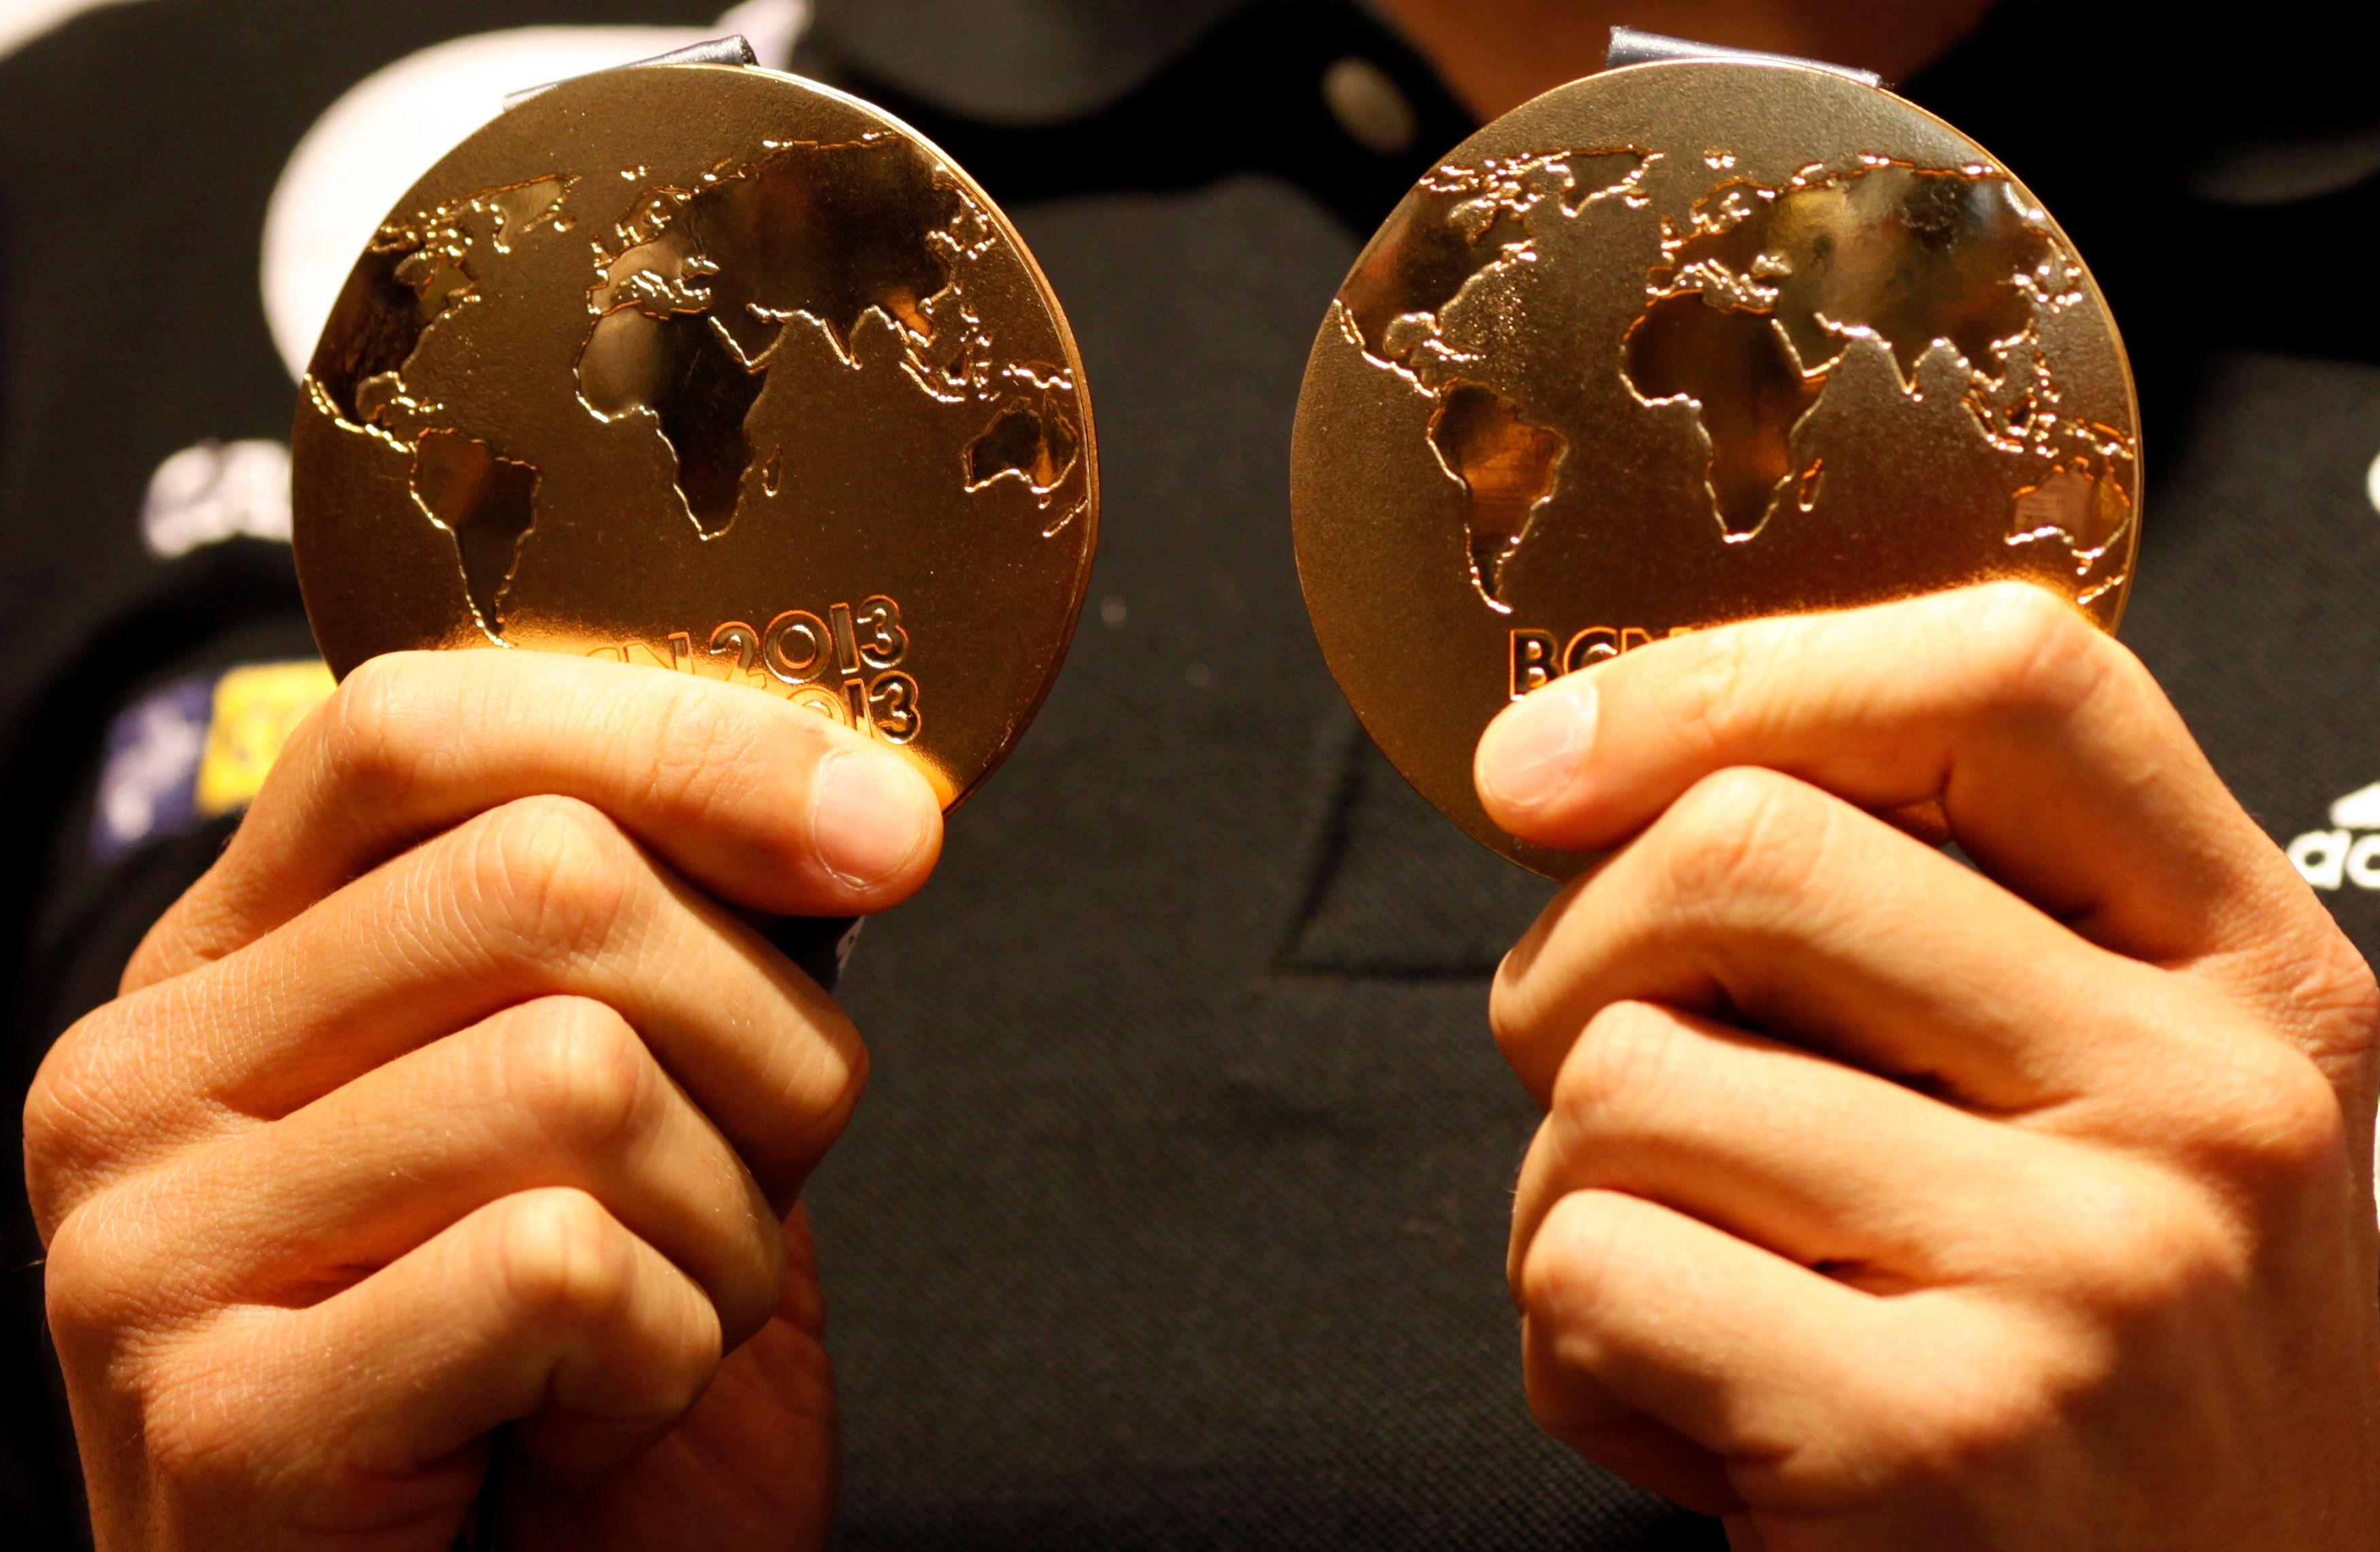 Quels pays seront gagnants en 2100 ?